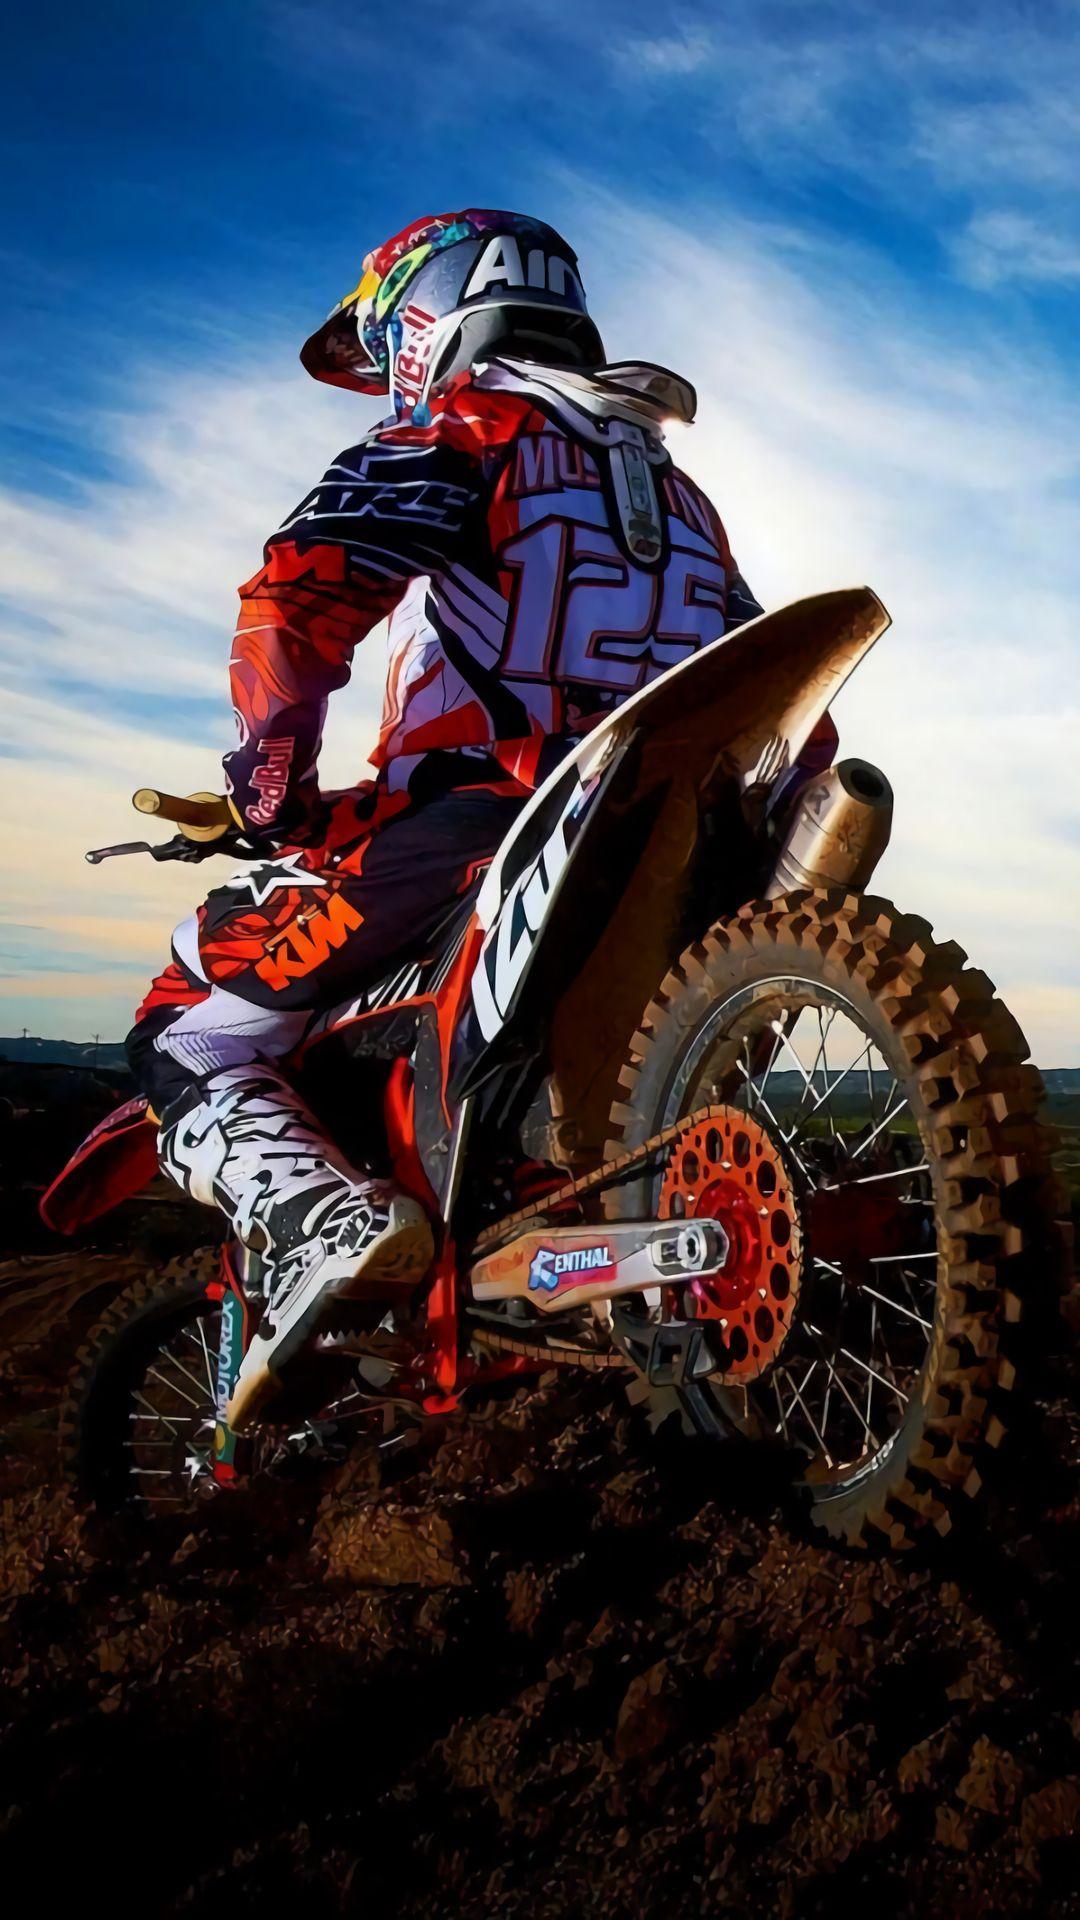 Motocross Mobile Hd Wallpaper Motocross Photography Motocross Enduro Motocross